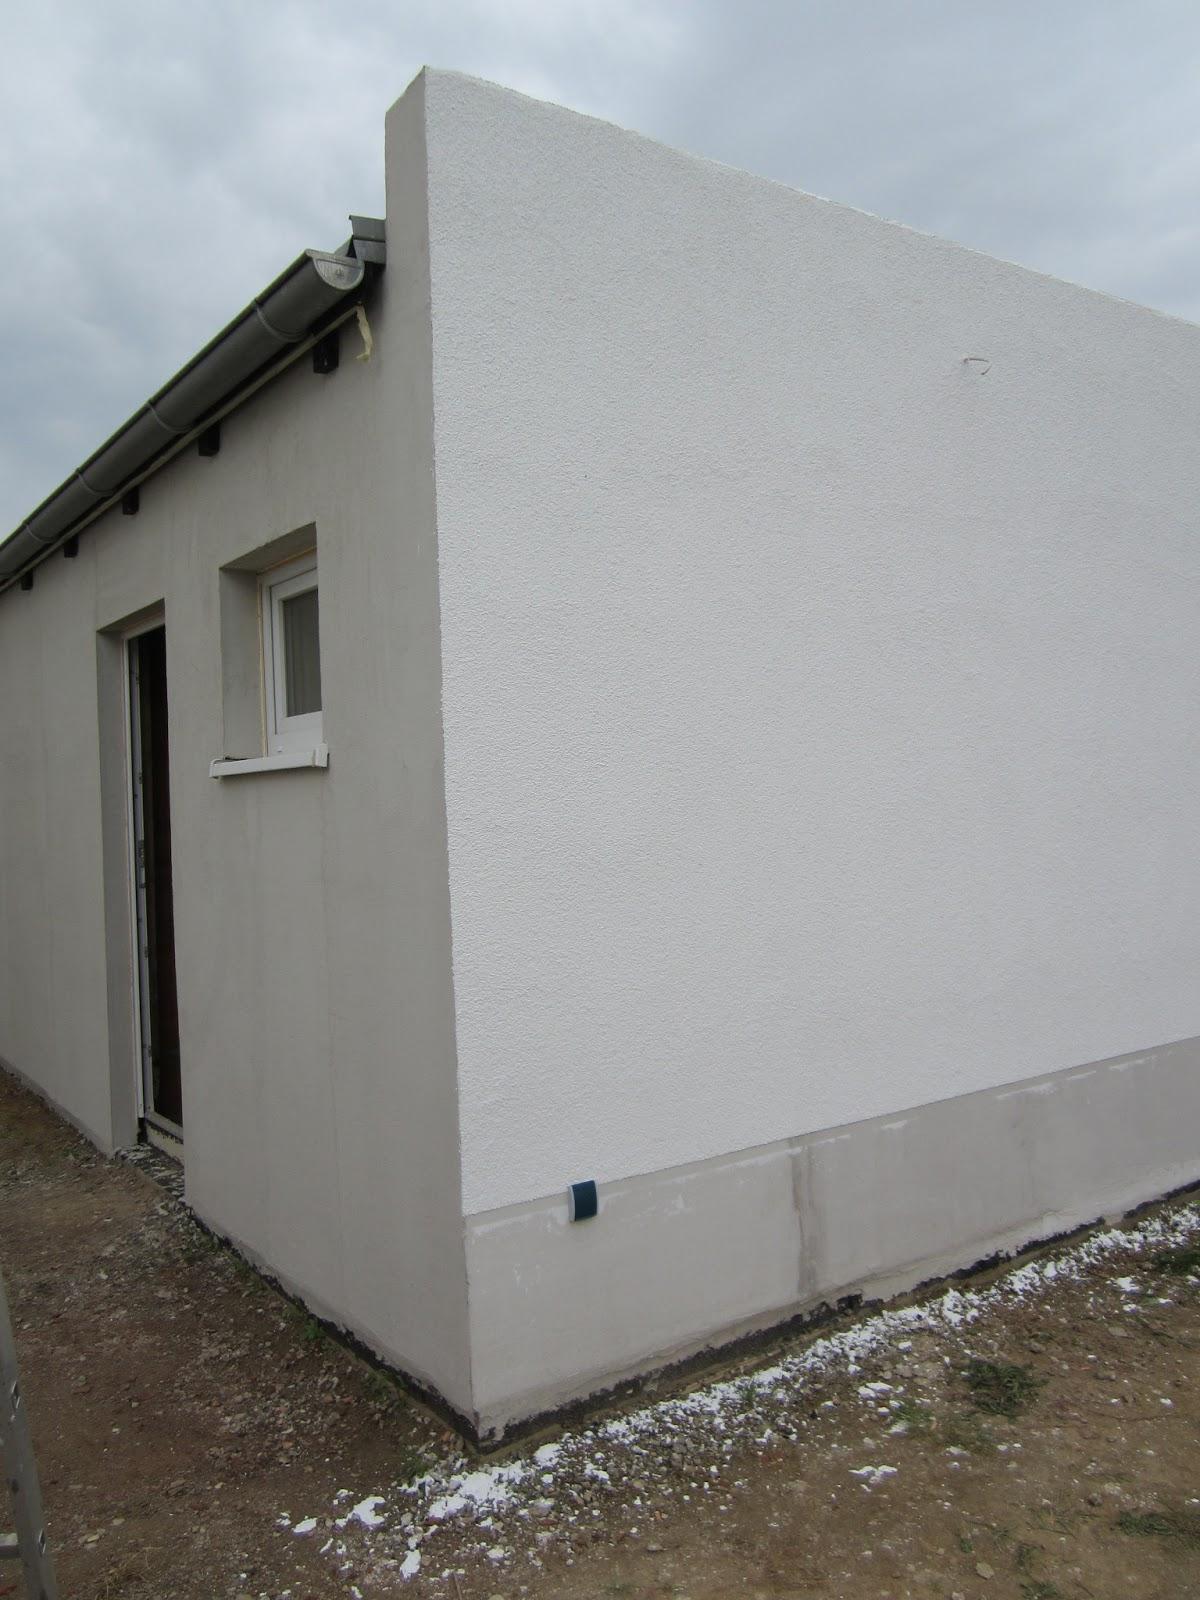 unser hausbau garage in eigenleistung aufbringen des silikatscheibenputzes auf der r ckseite. Black Bedroom Furniture Sets. Home Design Ideas